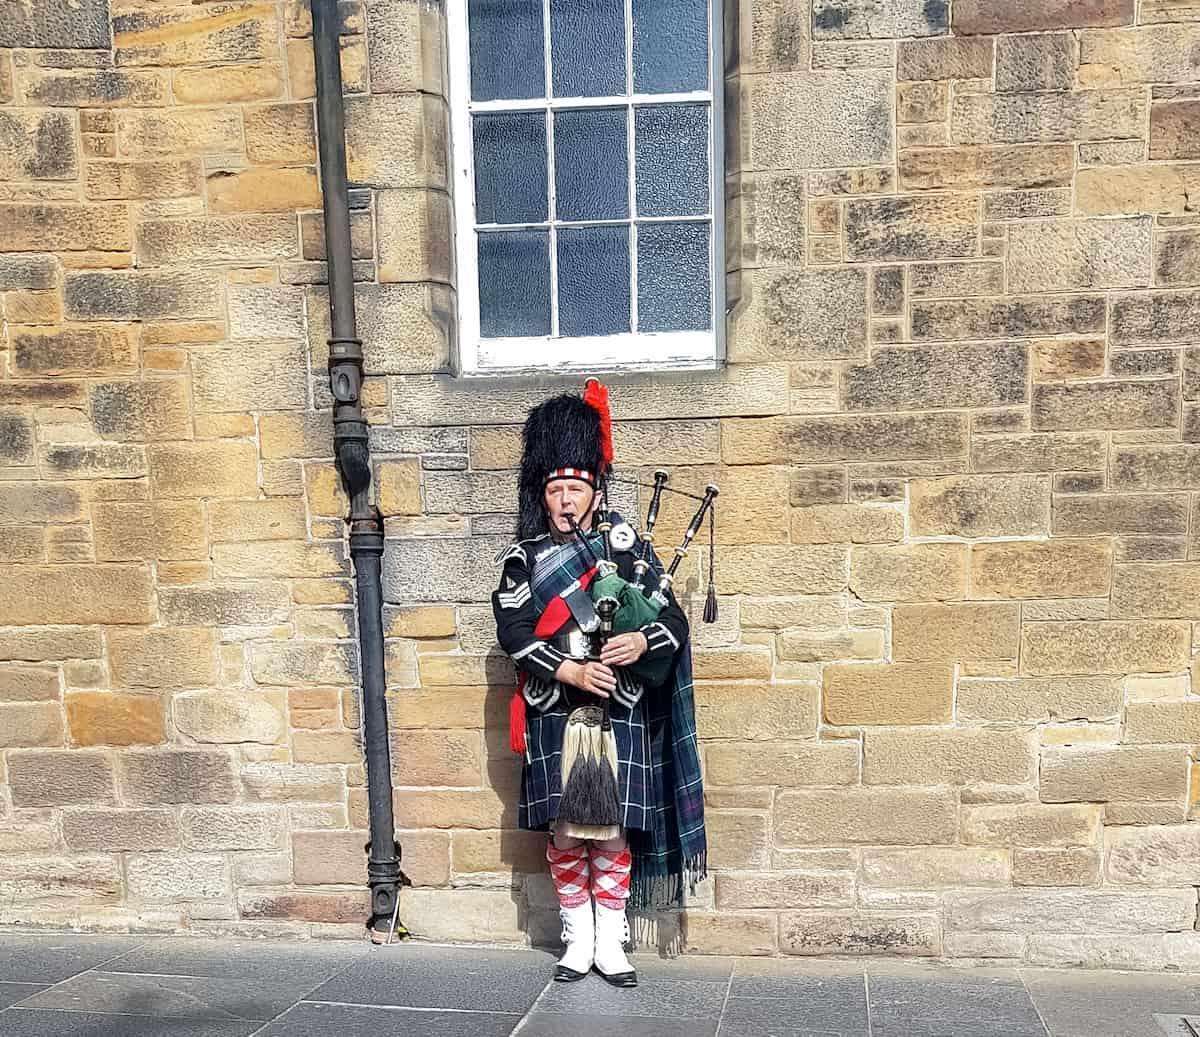 Scottish man playing bag pipes